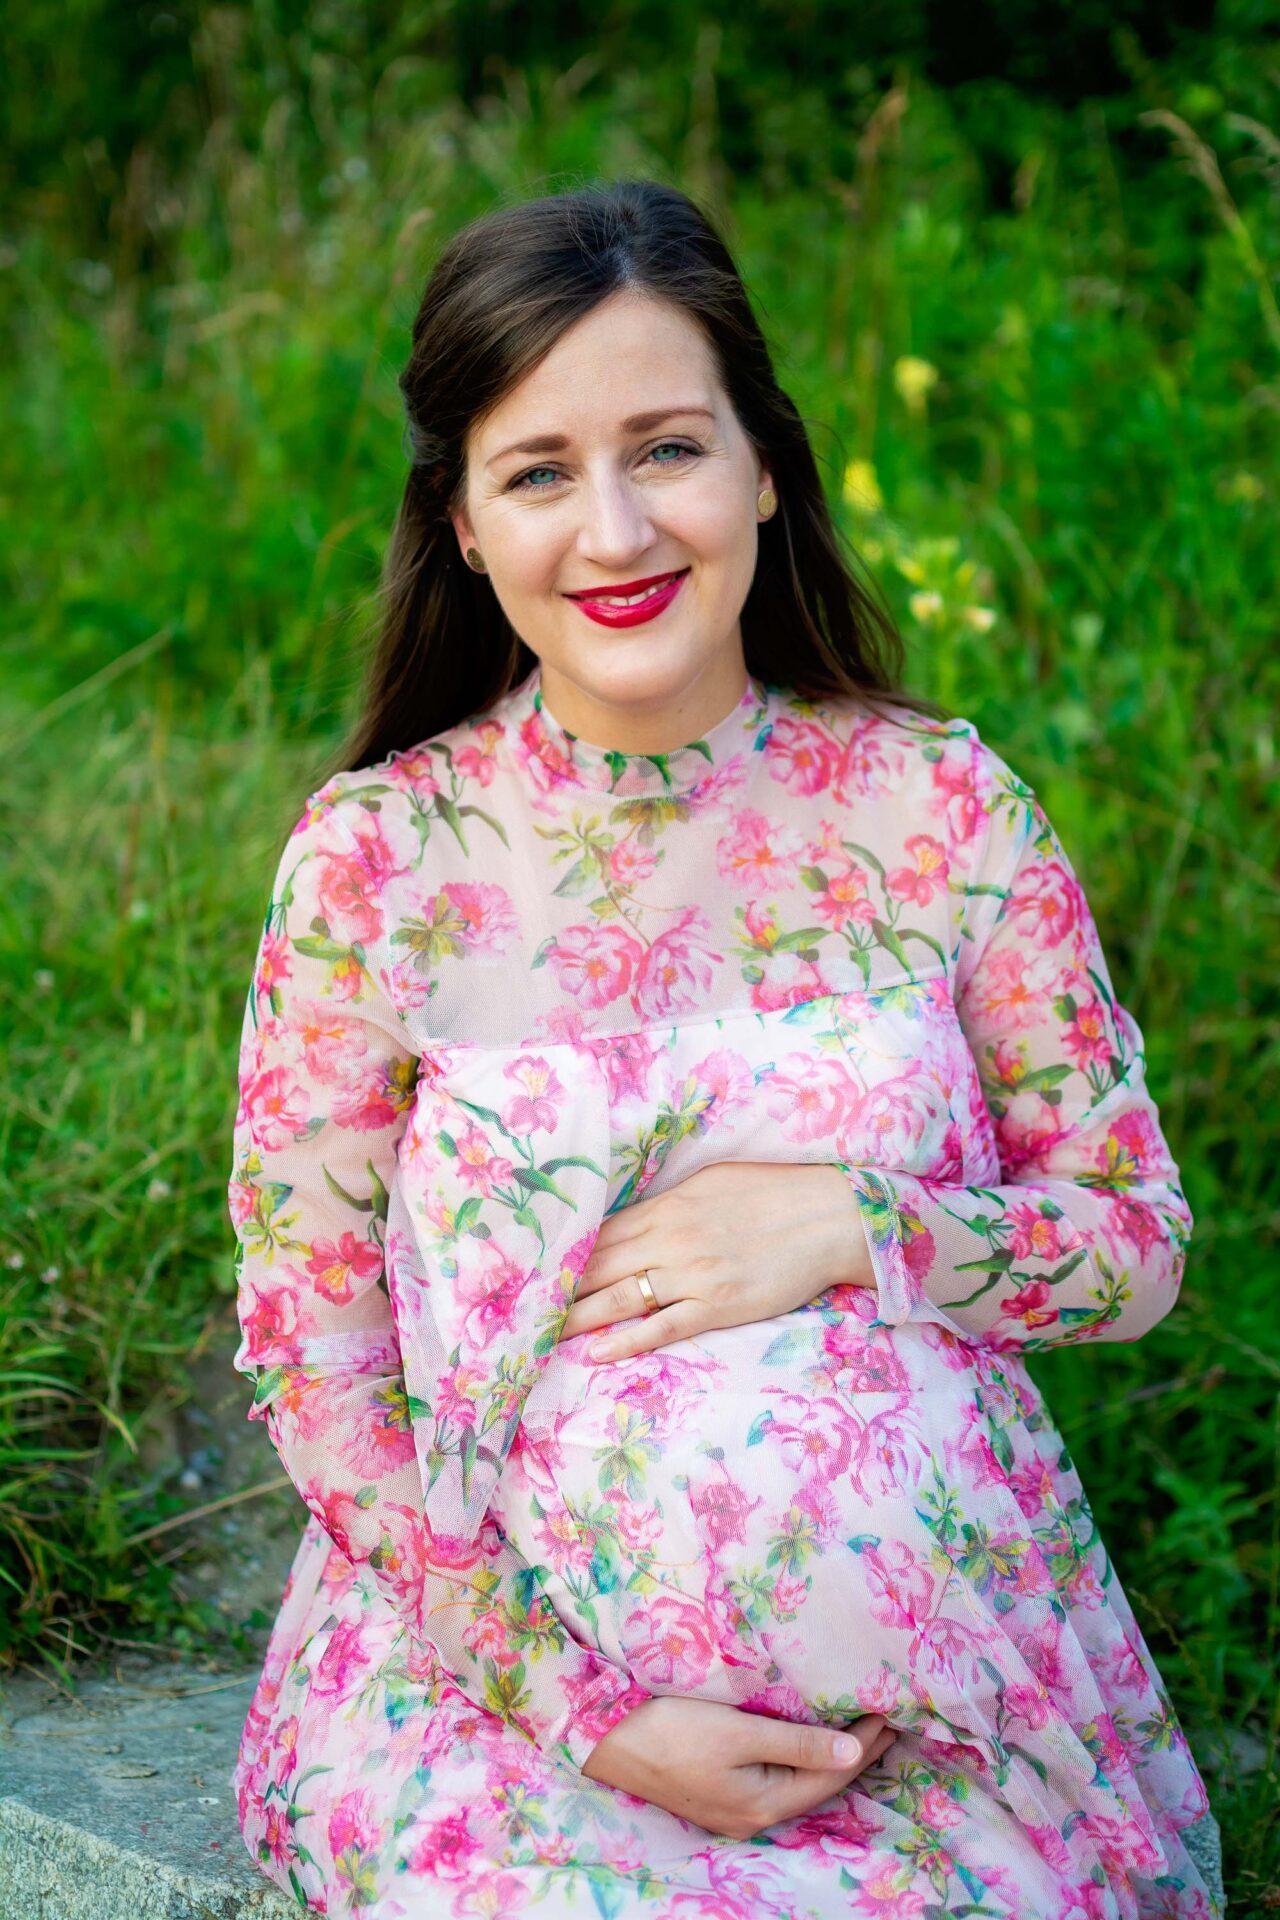 maternity photography in zilina slovakia